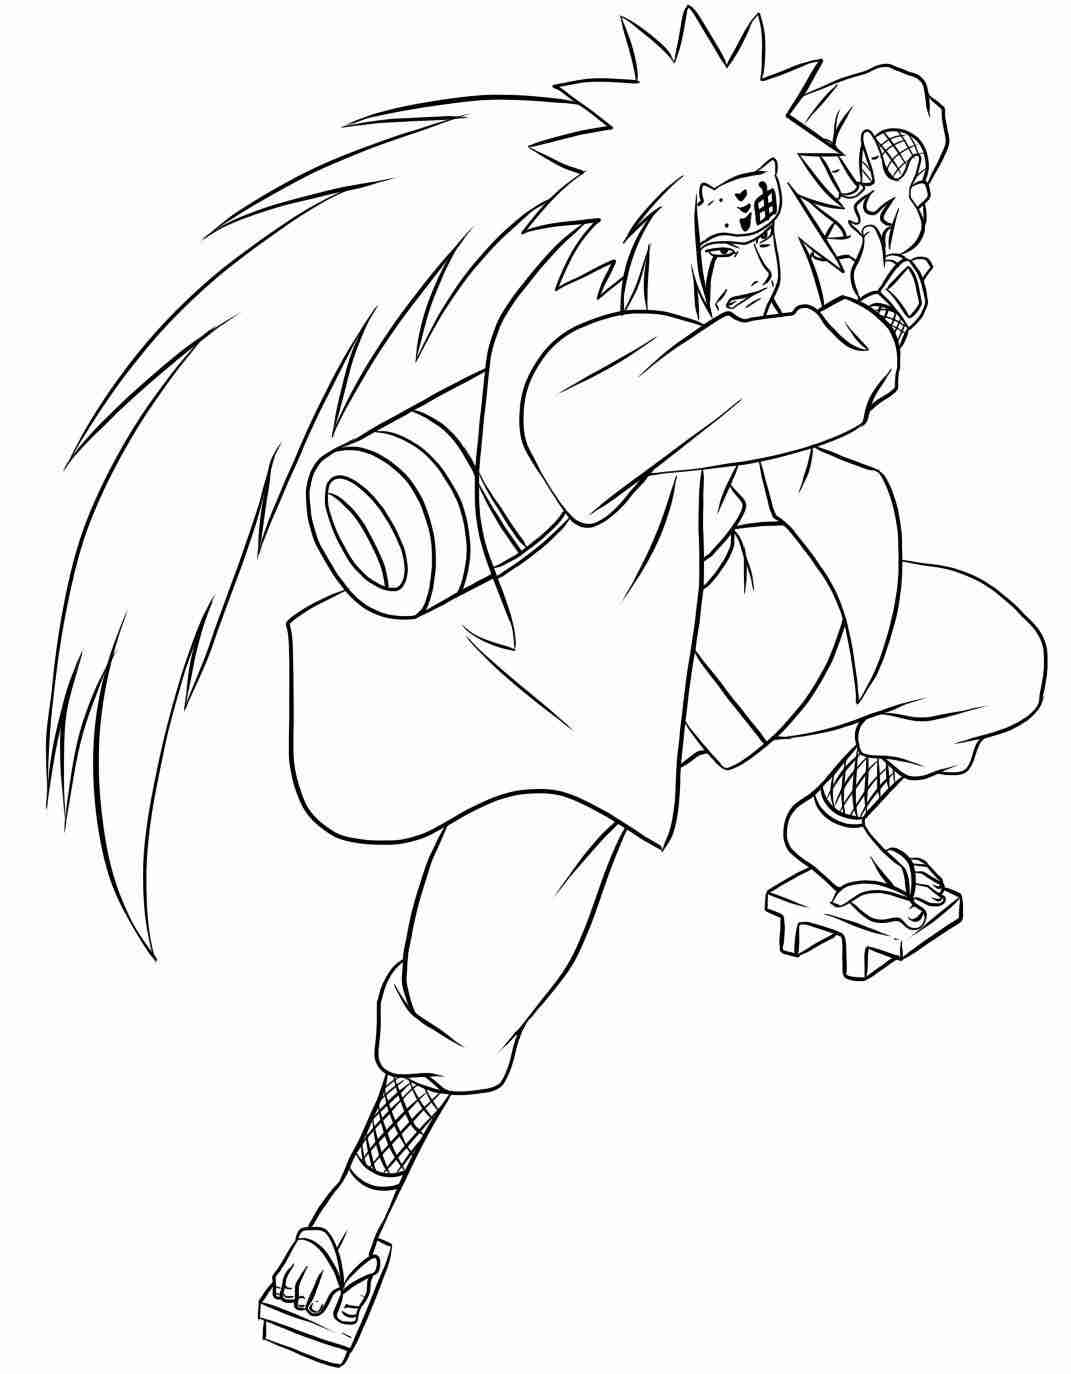 Jiraiya from Naruto has a long hair Coloring Page